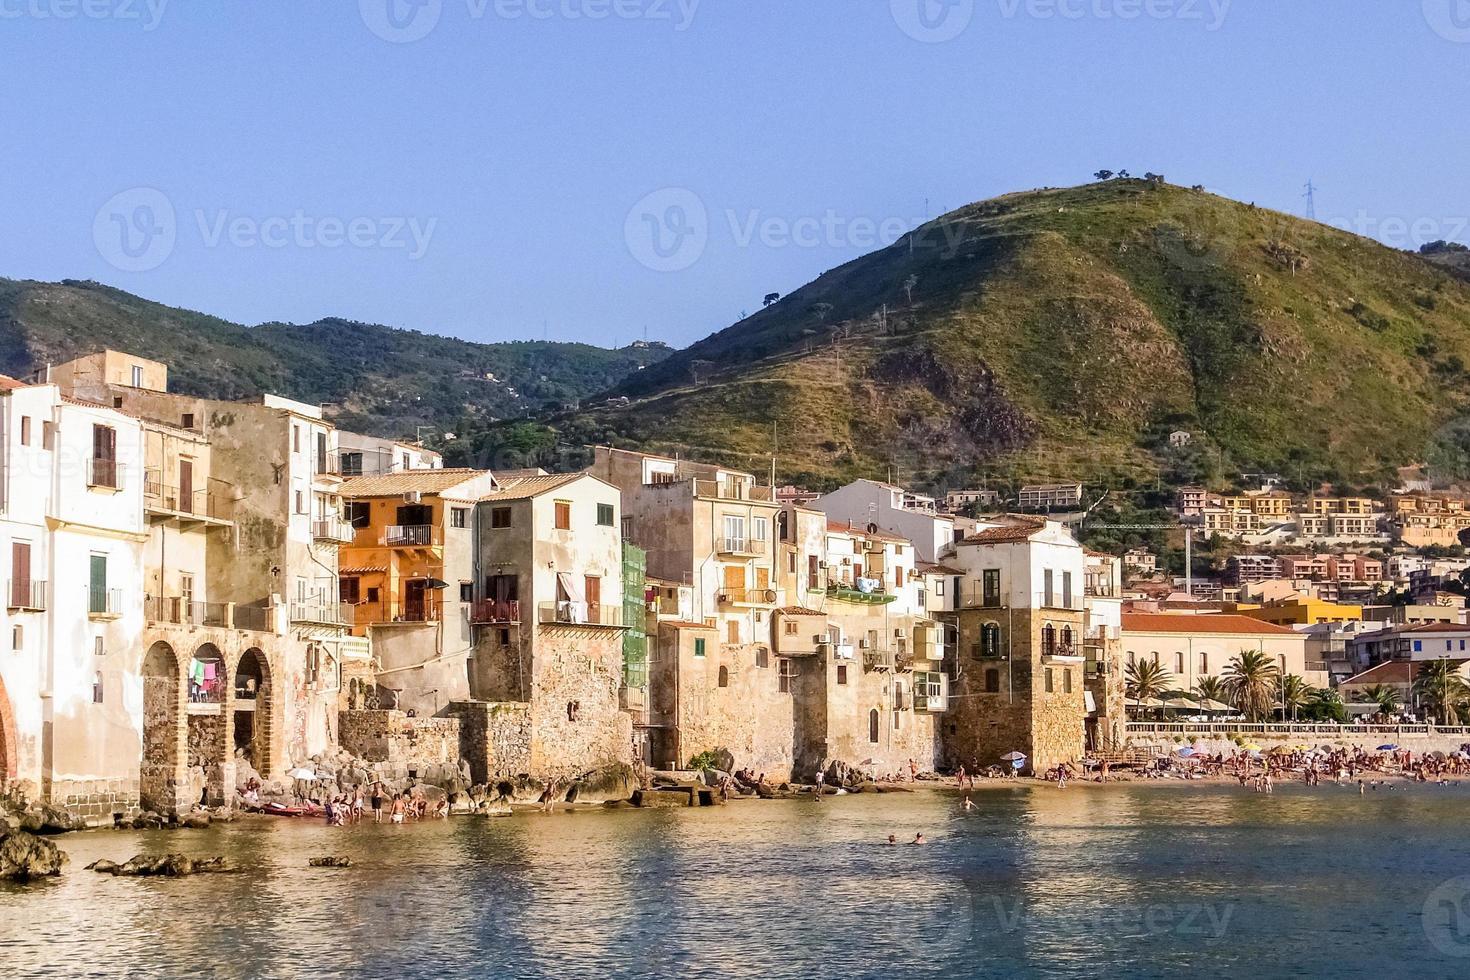 Horizonte de Cefalù, pueblo turístico en el norte de Sicilia. foto